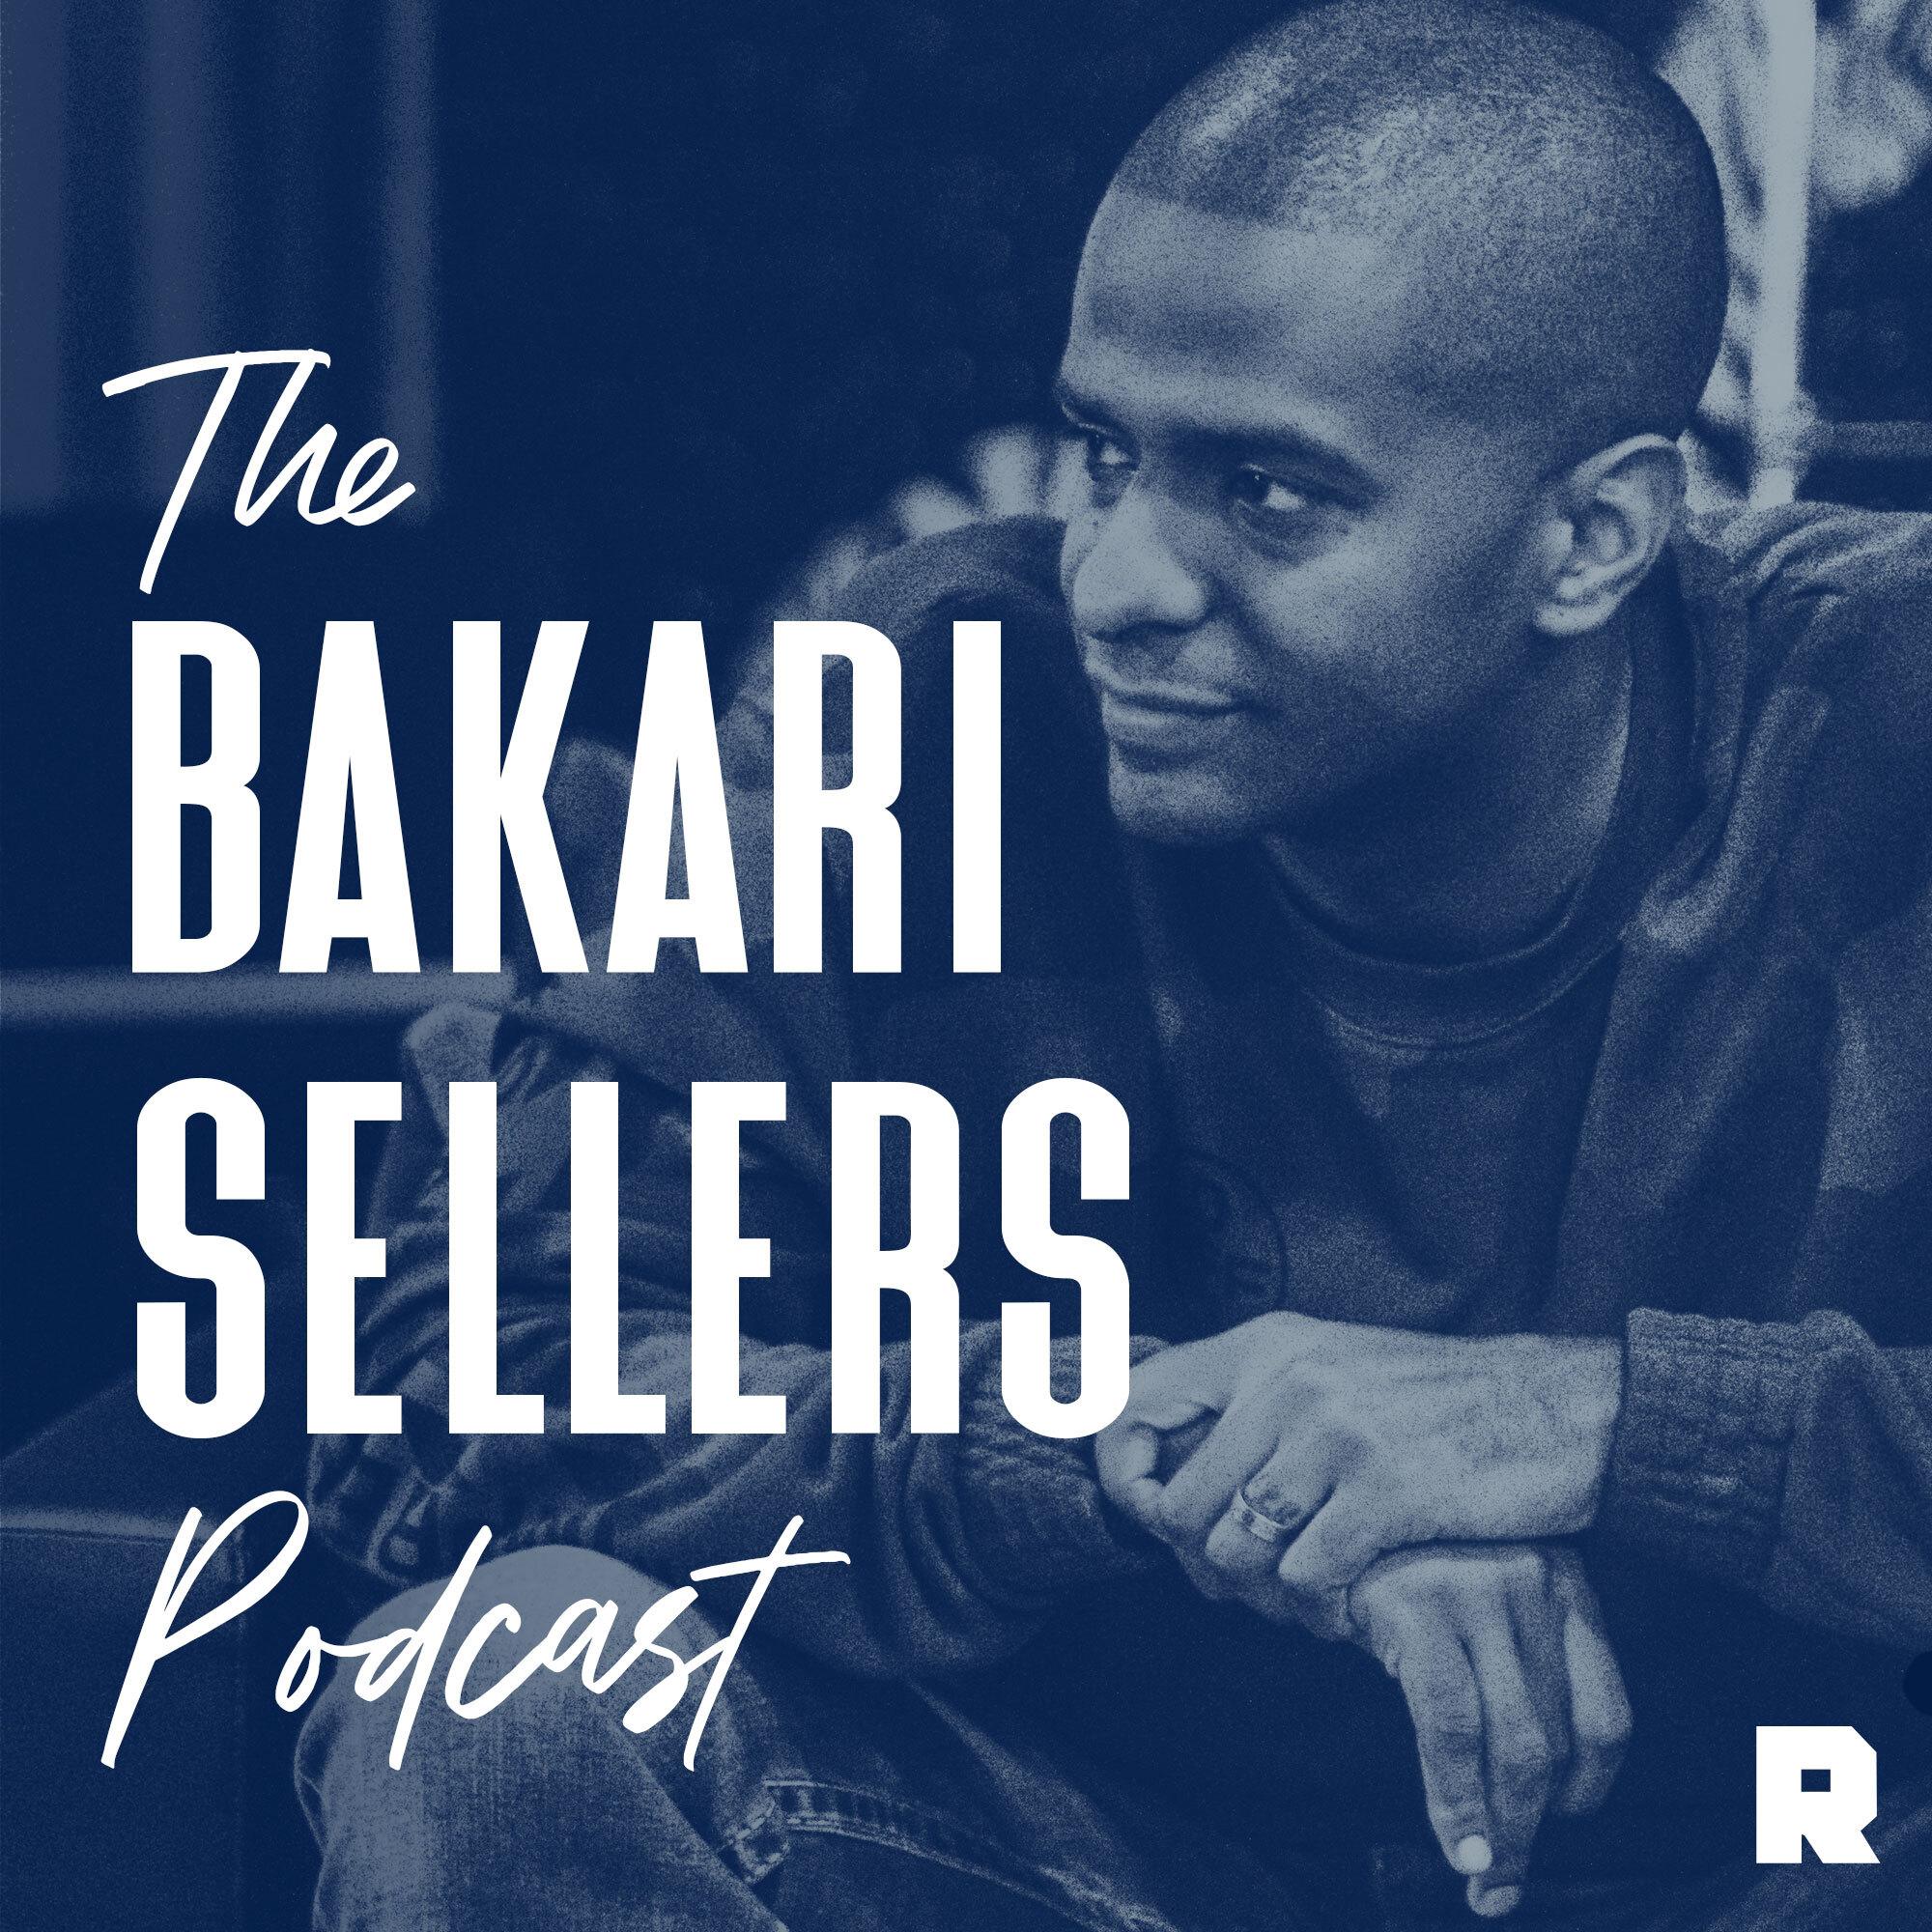 Bakari podcast logo